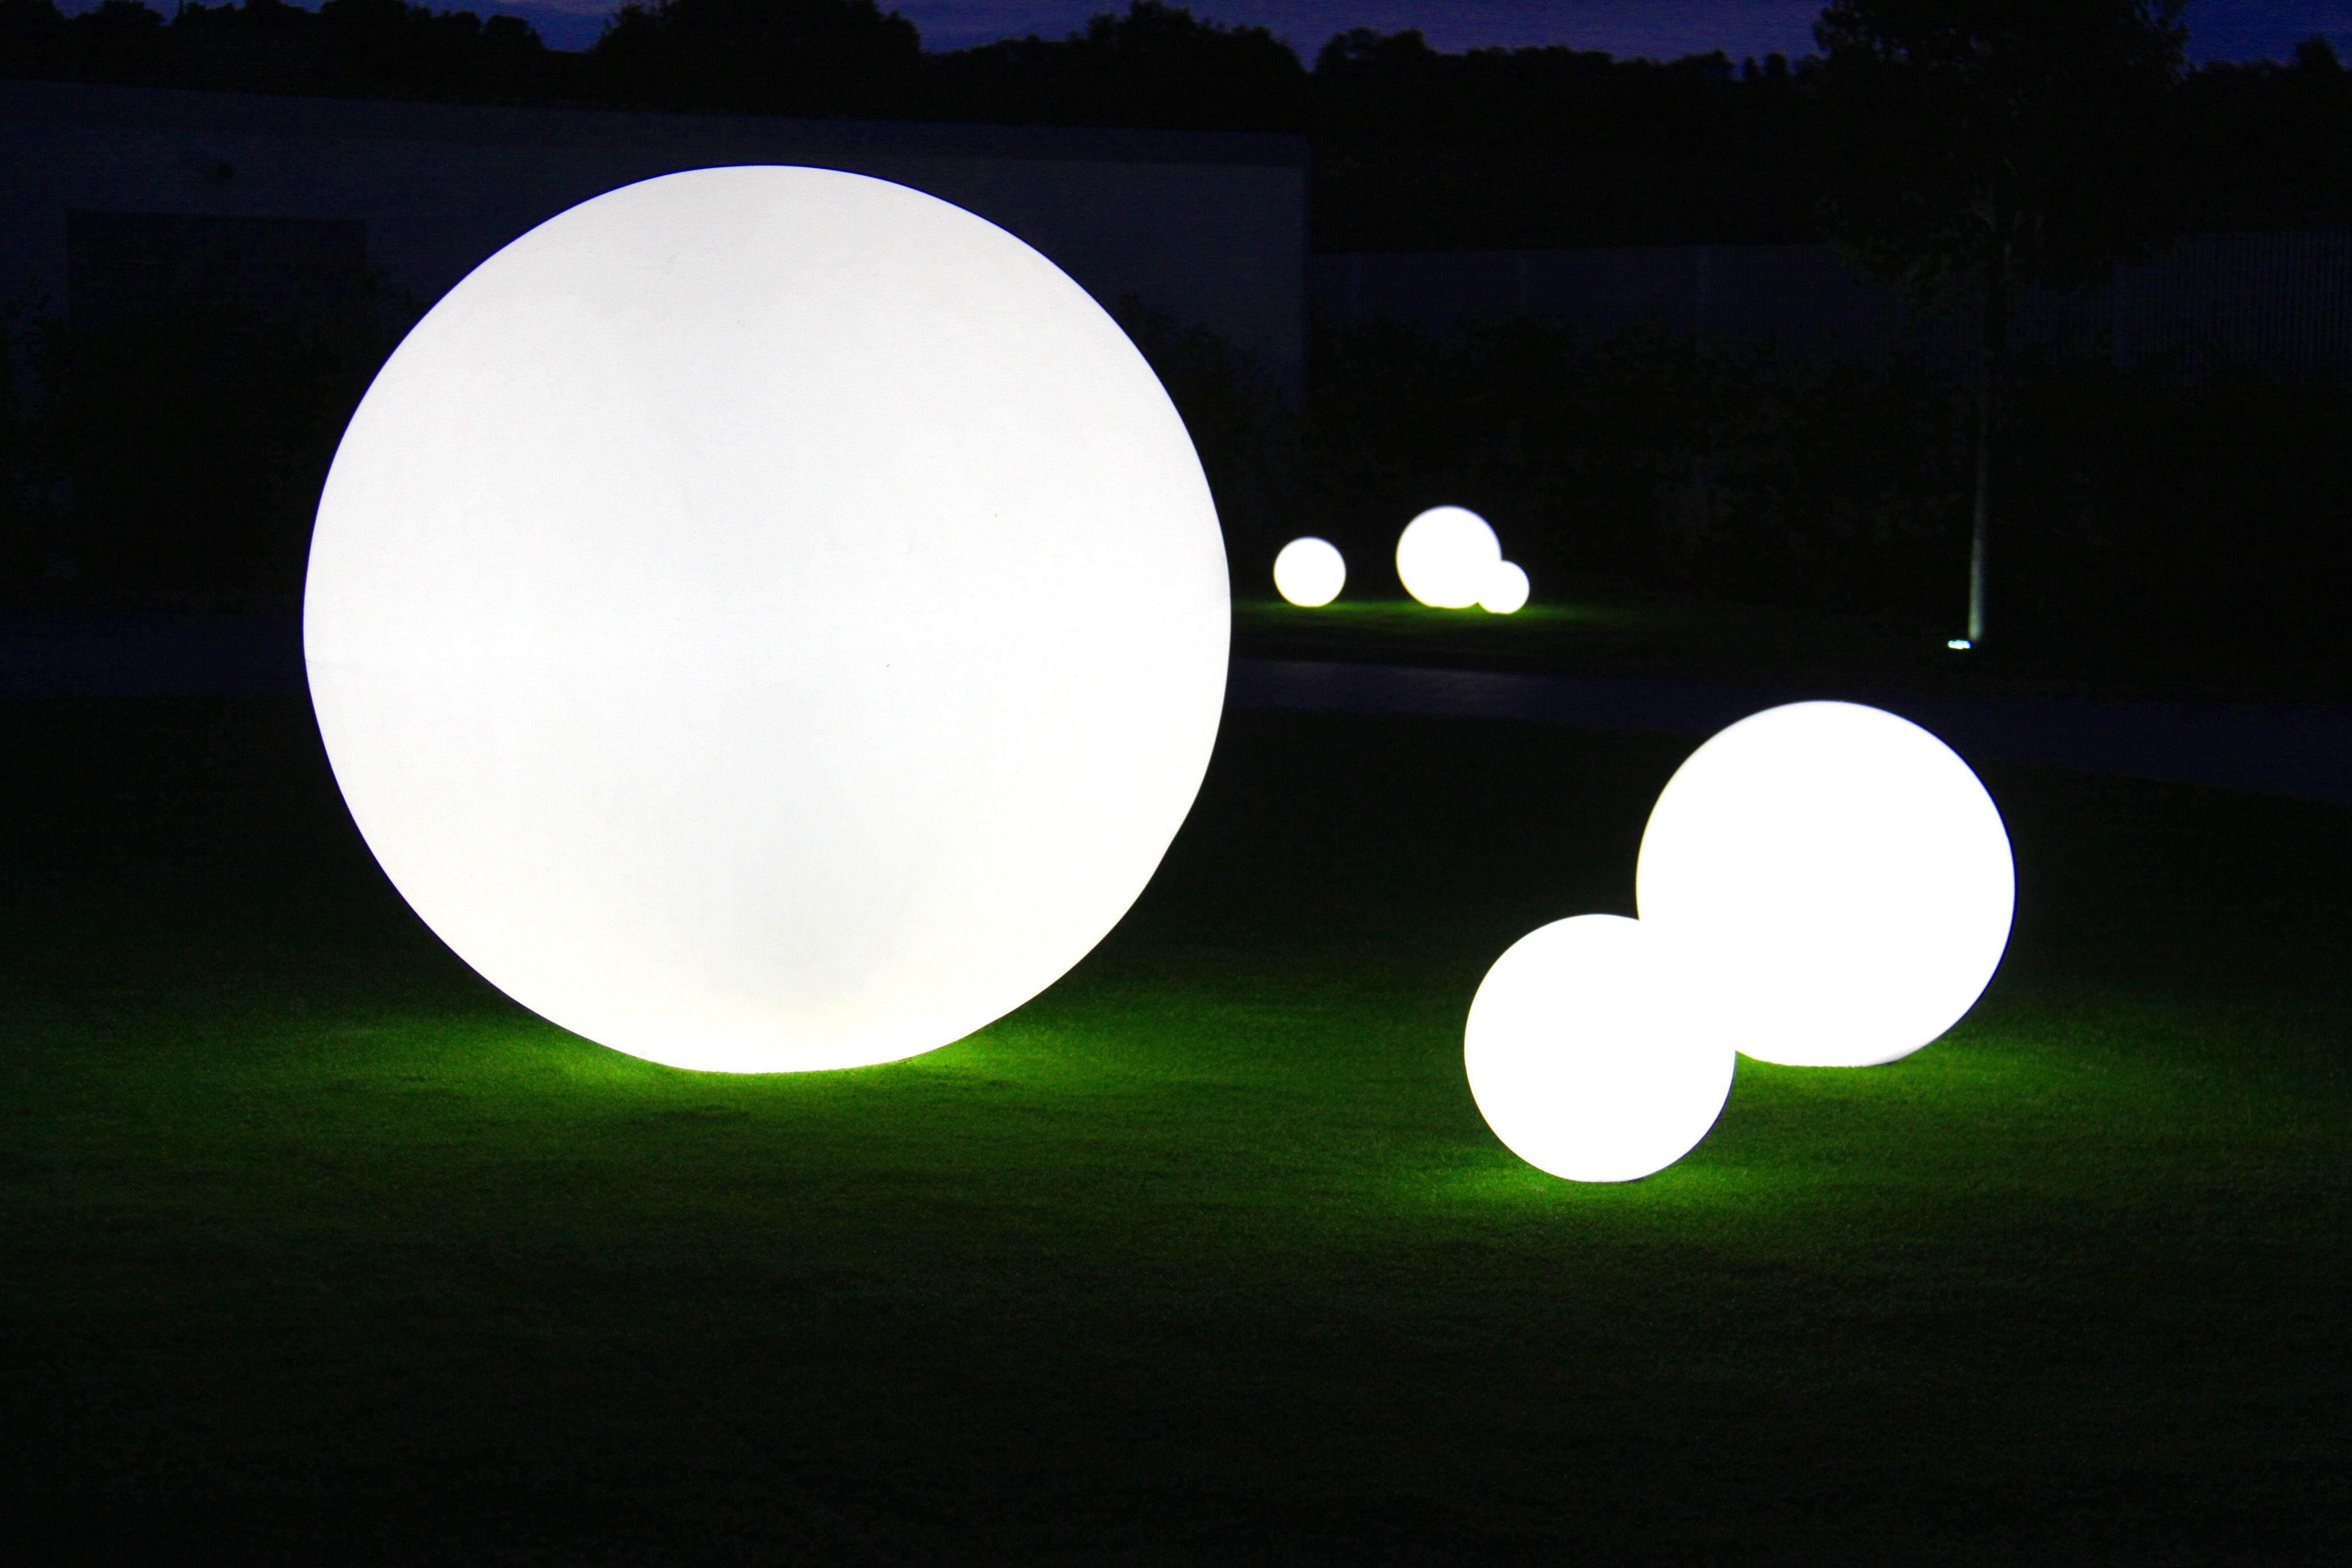 globo outdoor led lampe ohne kabel kabellos 40 cm f r den au eneinsatz wei f r den. Black Bedroom Furniture Sets. Home Design Ideas